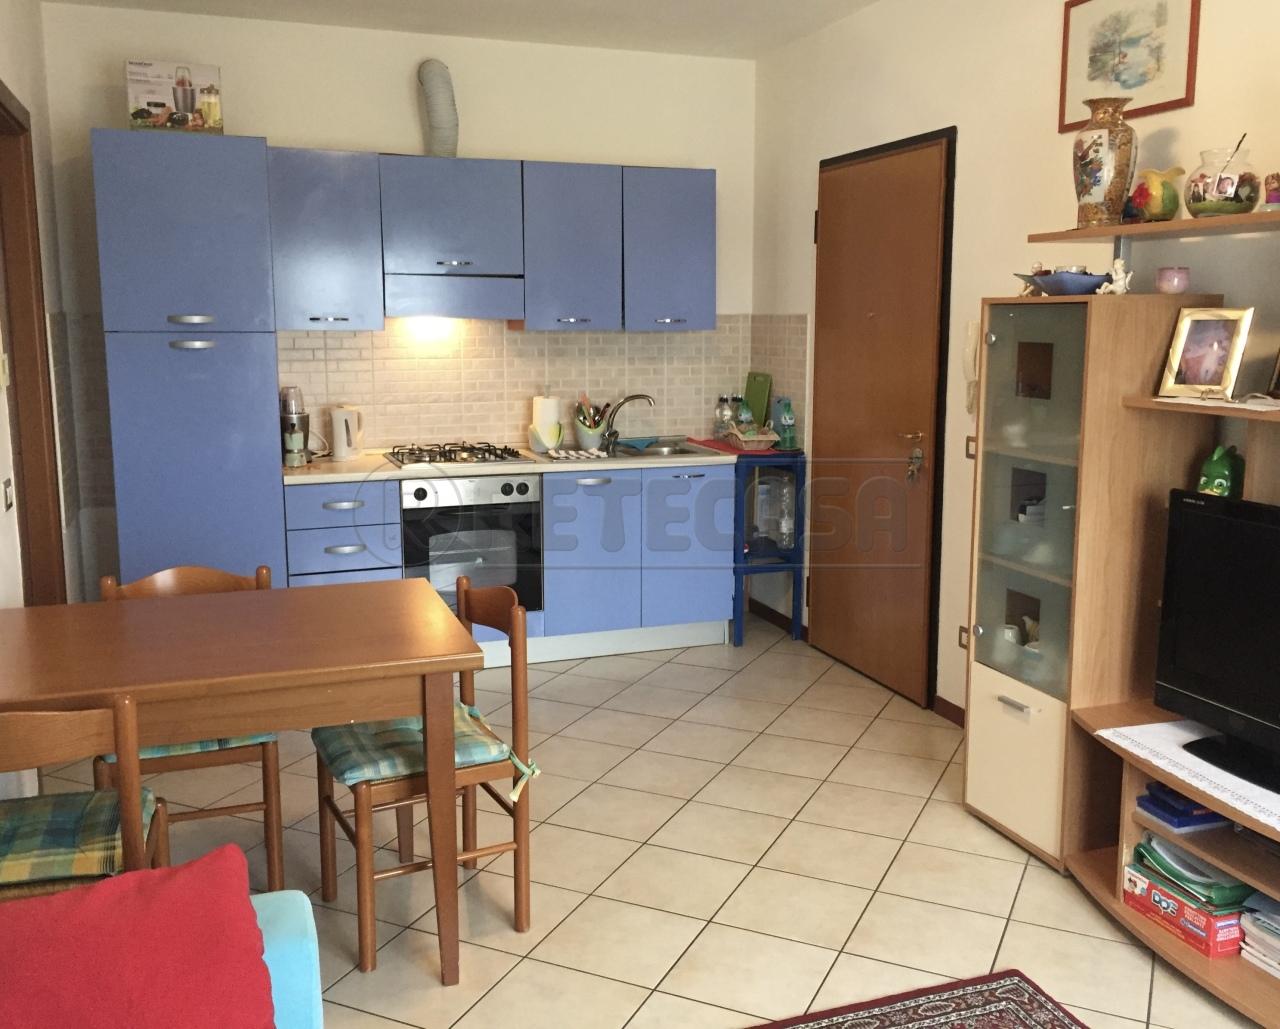 Appartamento in vendita a Mirano, 2 locali, prezzo € 79.000 | PortaleAgenzieImmobiliari.it